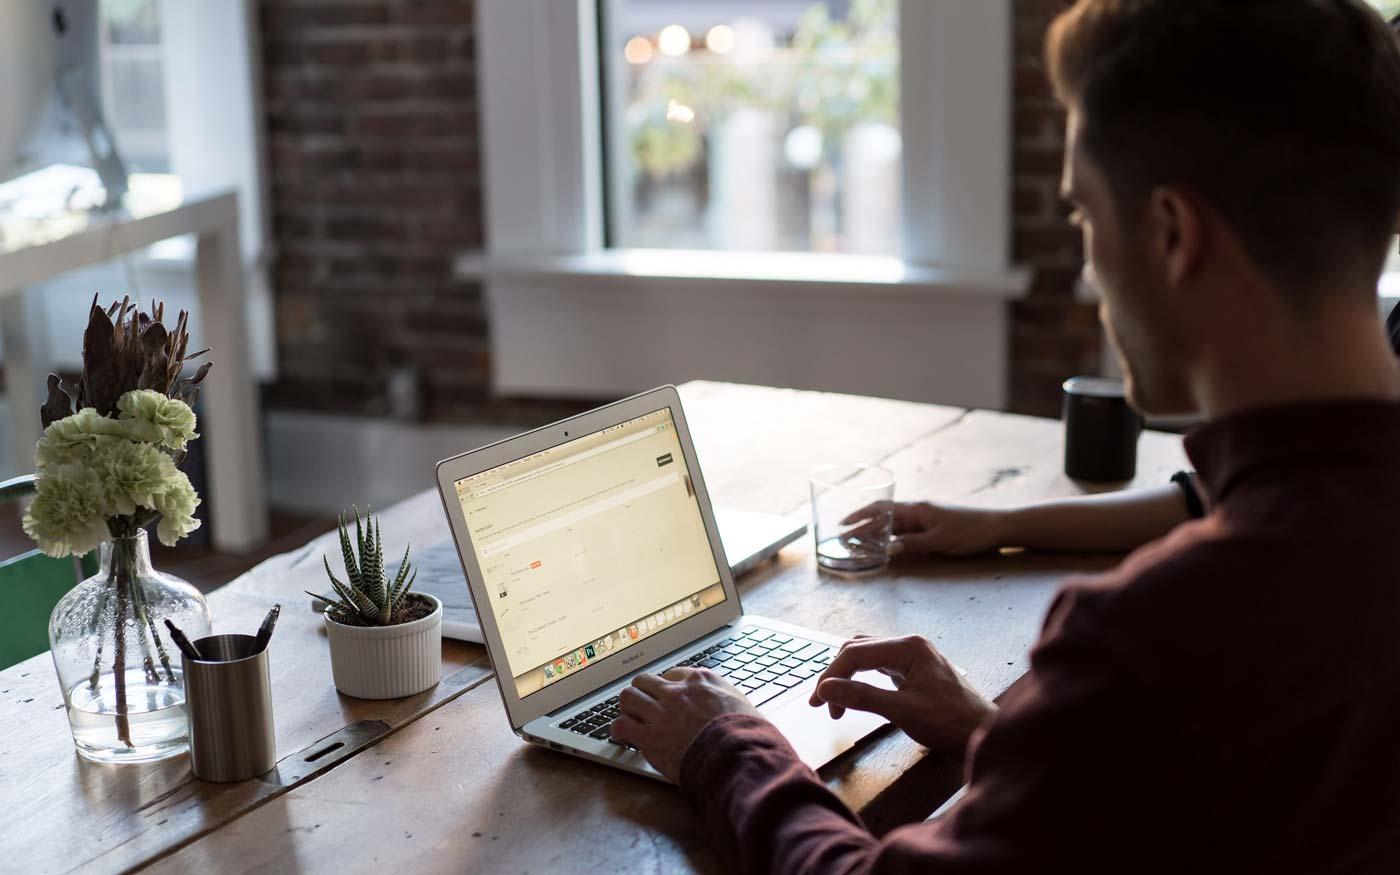 Cómo implementar el teletrabajo en la empresa: cinco recomendaciones